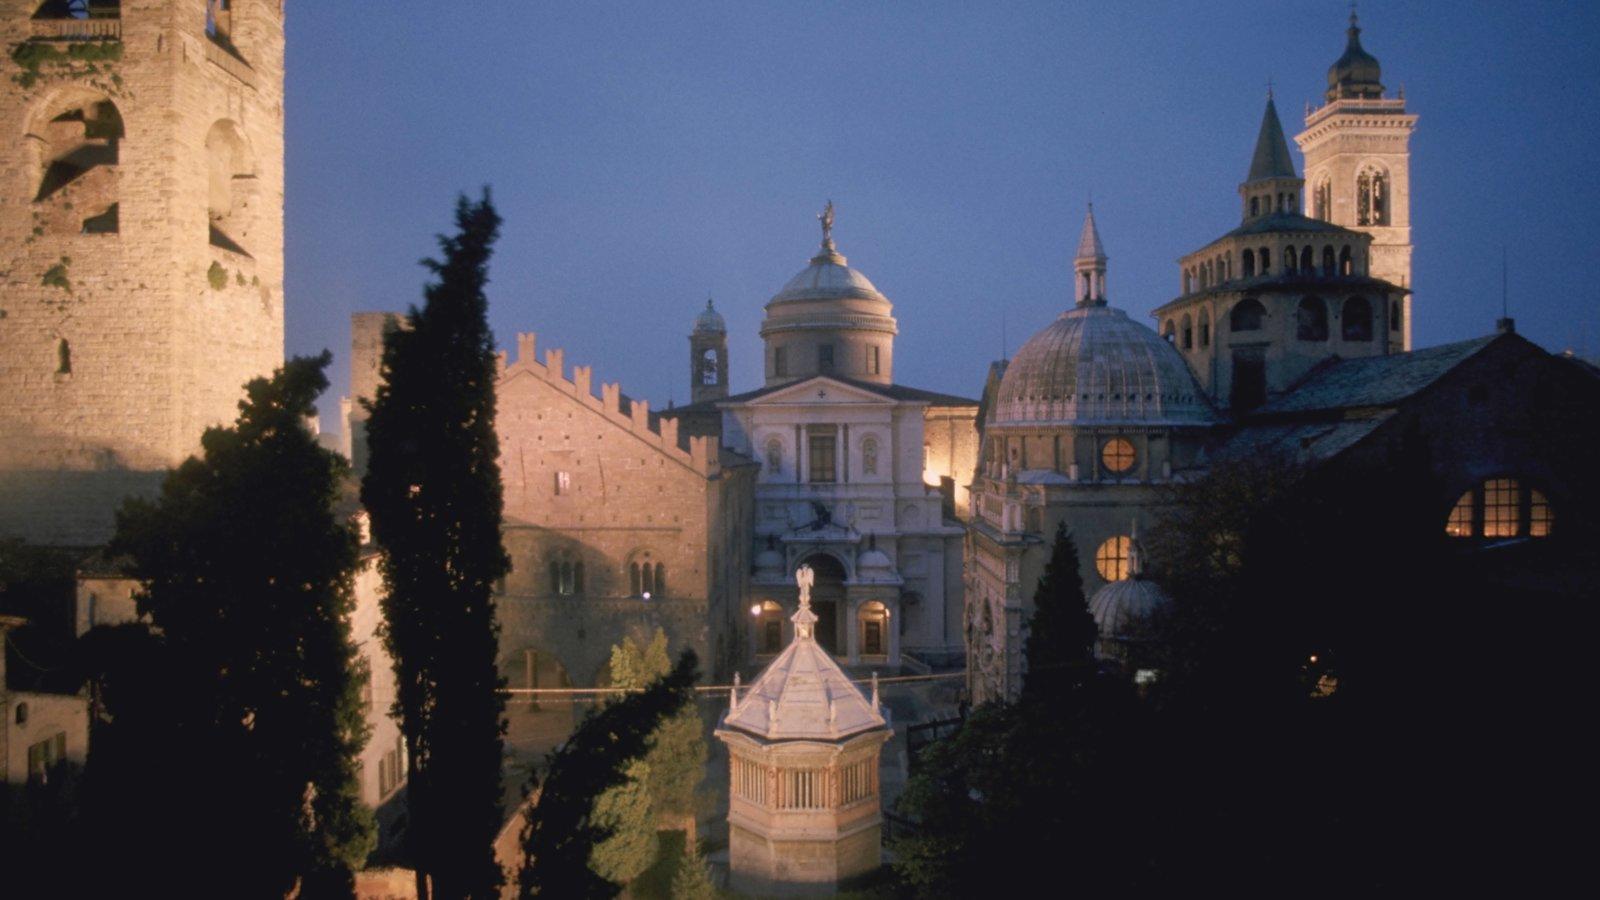 Bérgamo caracterizando uma cidade, cenas noturnas e arquitetura de patrimônio